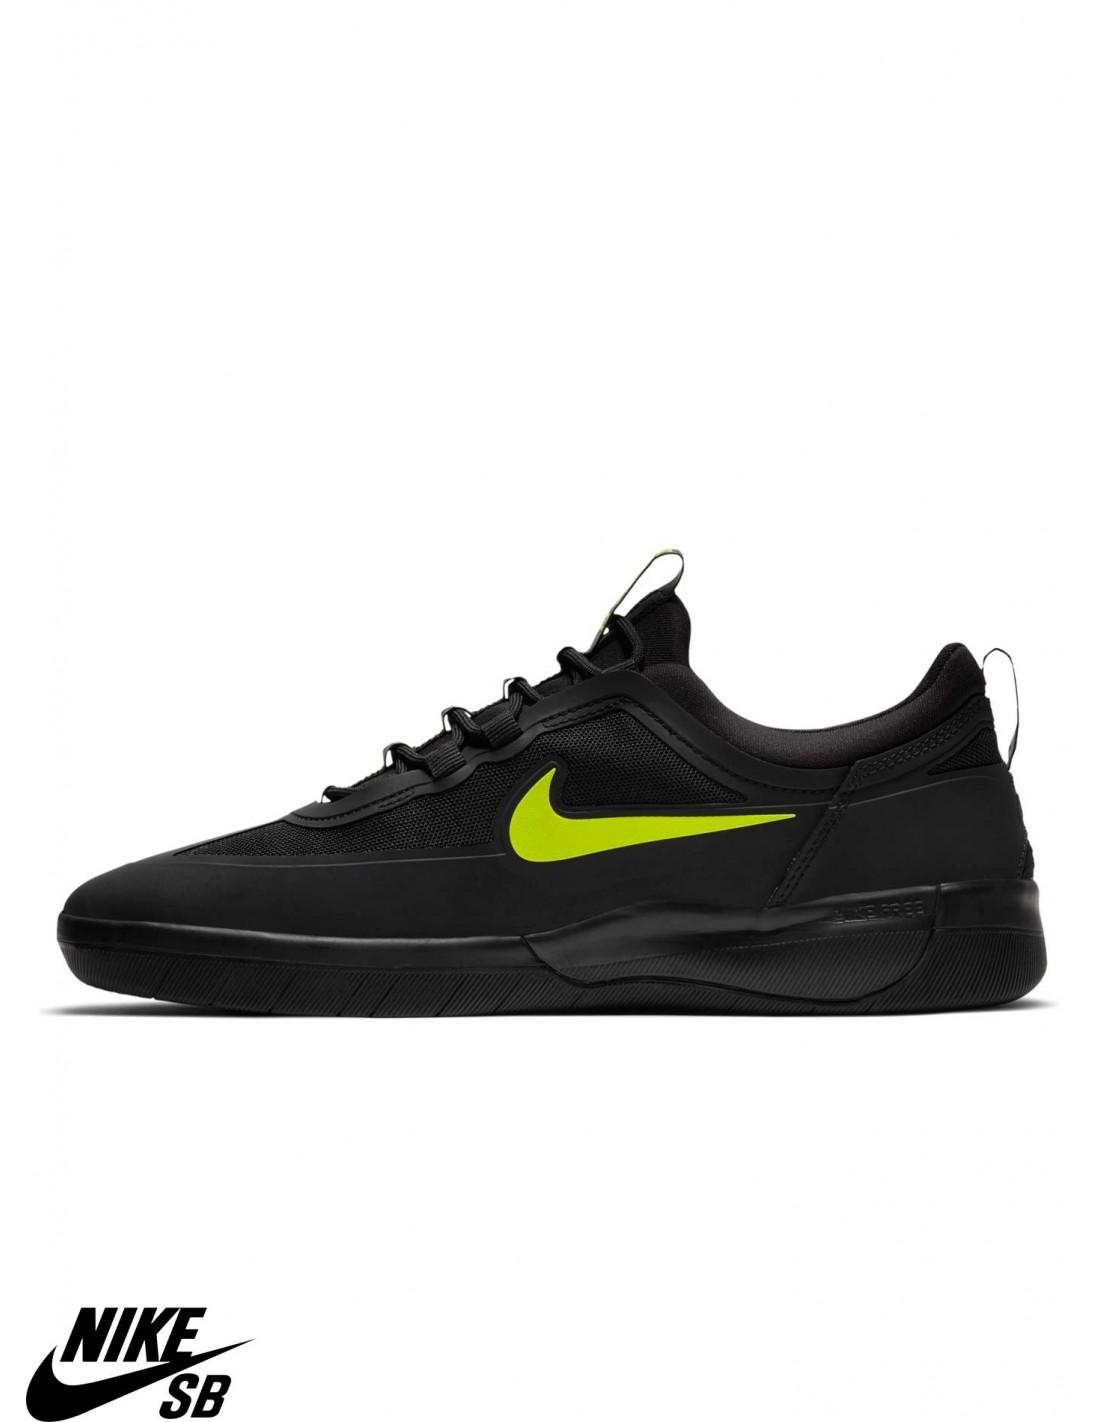 Nike SB Nyjah Free II Black Cyber Black Skate Shoes